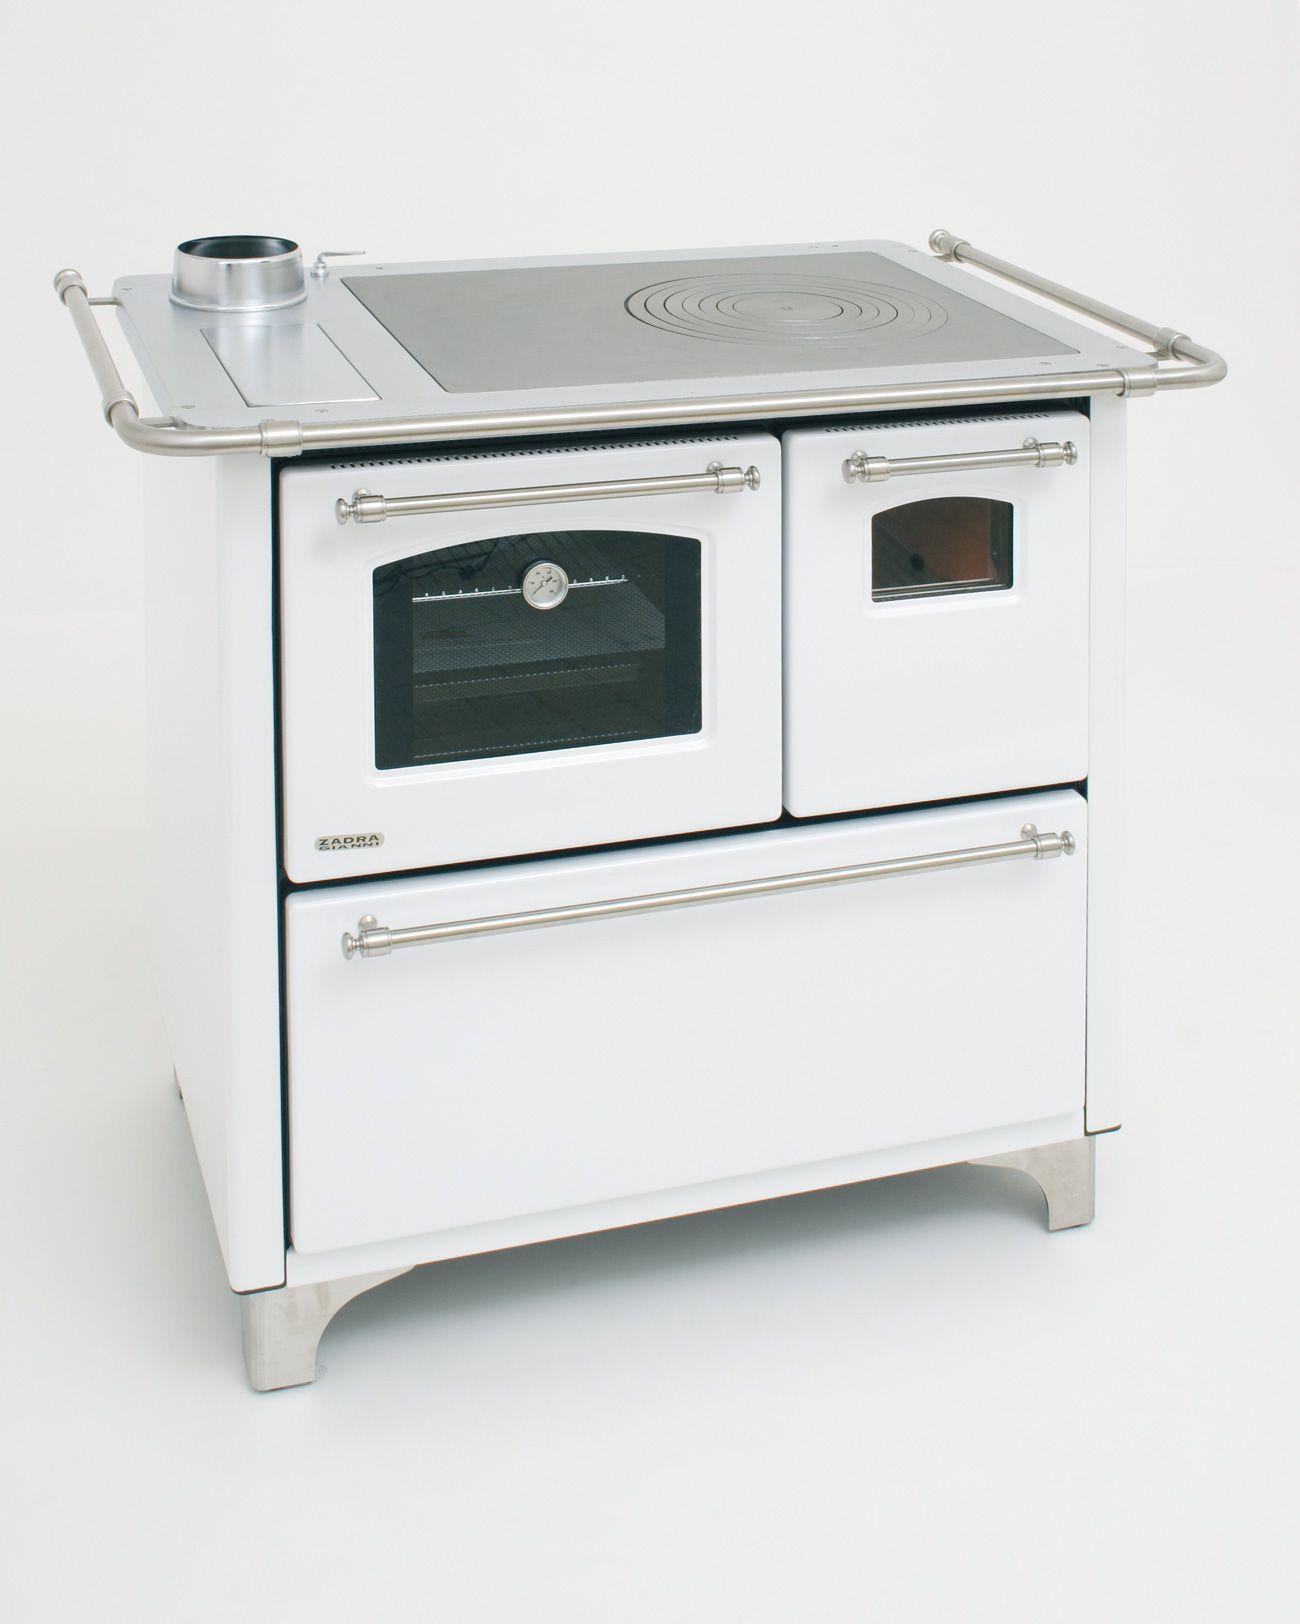 Cucina economica n 5  Cucine Stufe a Legna e